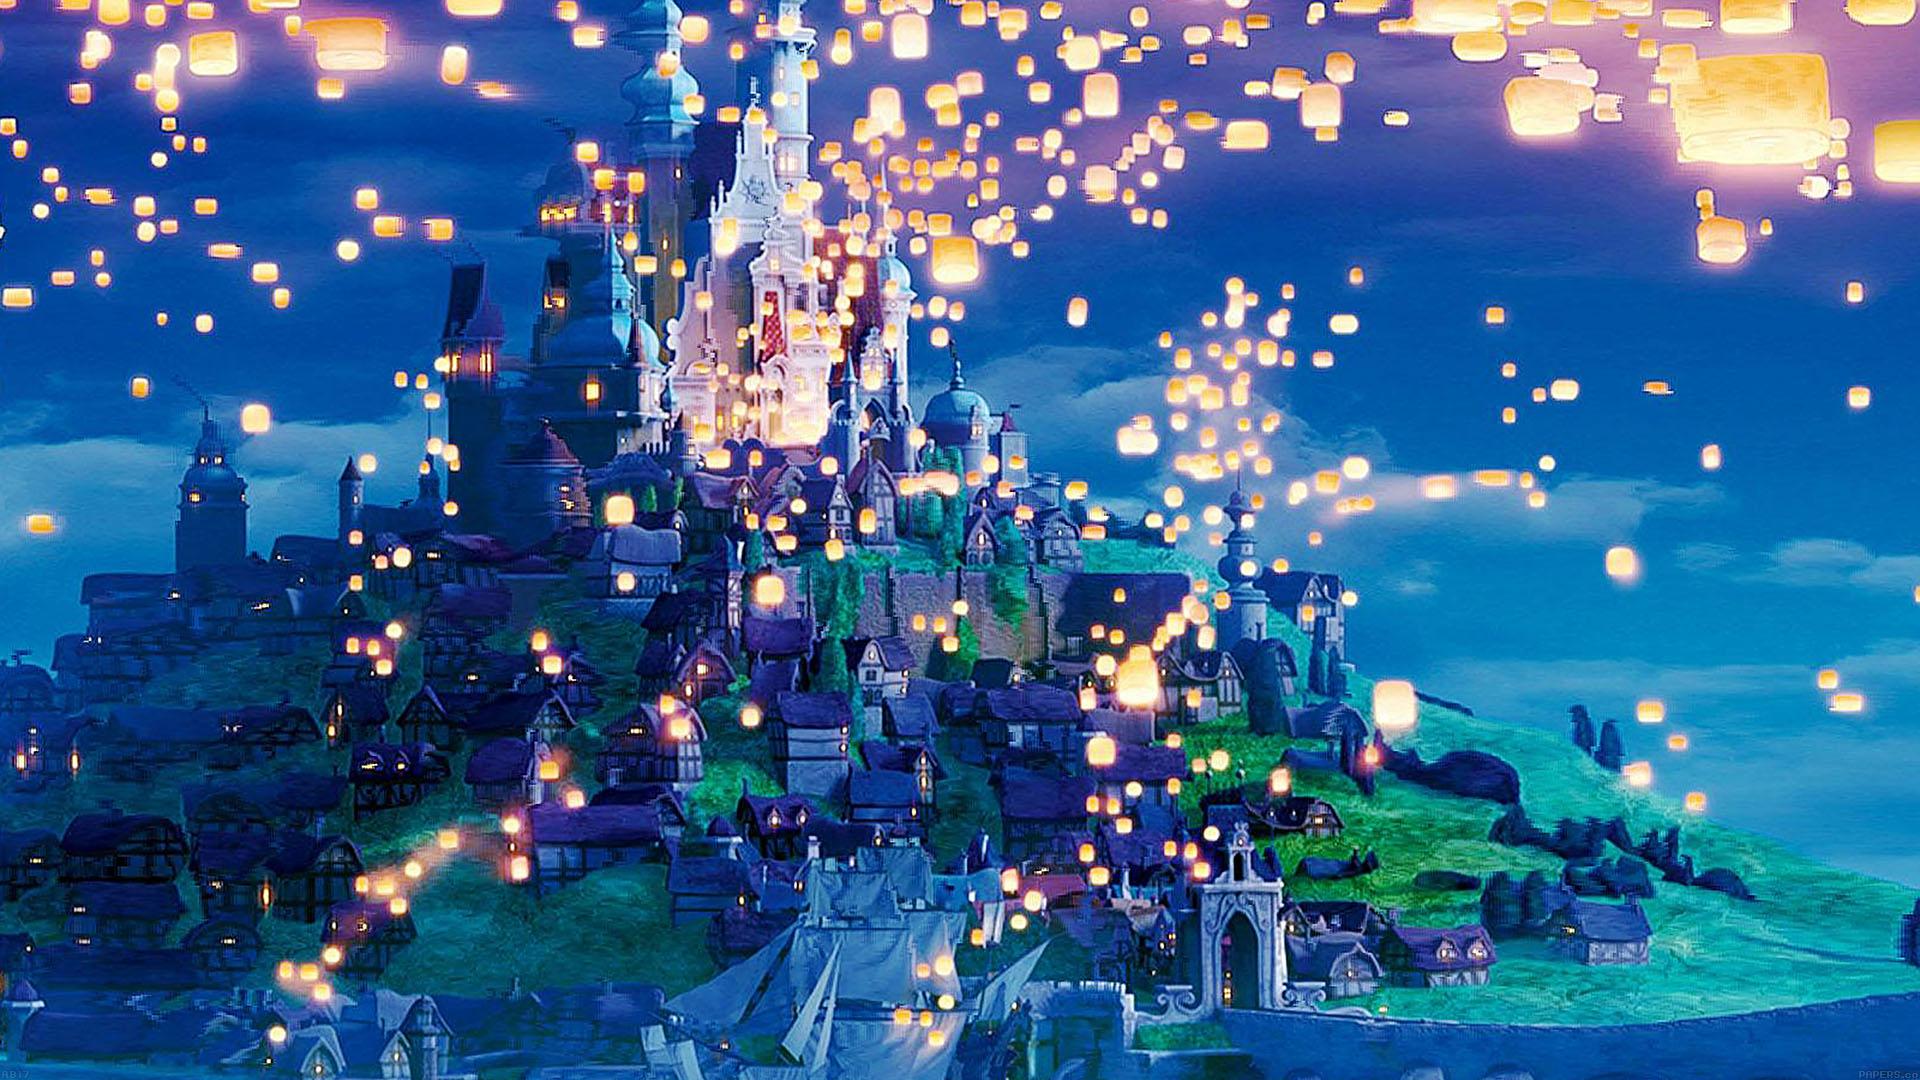 Mac Pro Fall Wallpaper 2017 Ab17 Wallpaper Rapunzel Dreams Disney Illust Papers Co